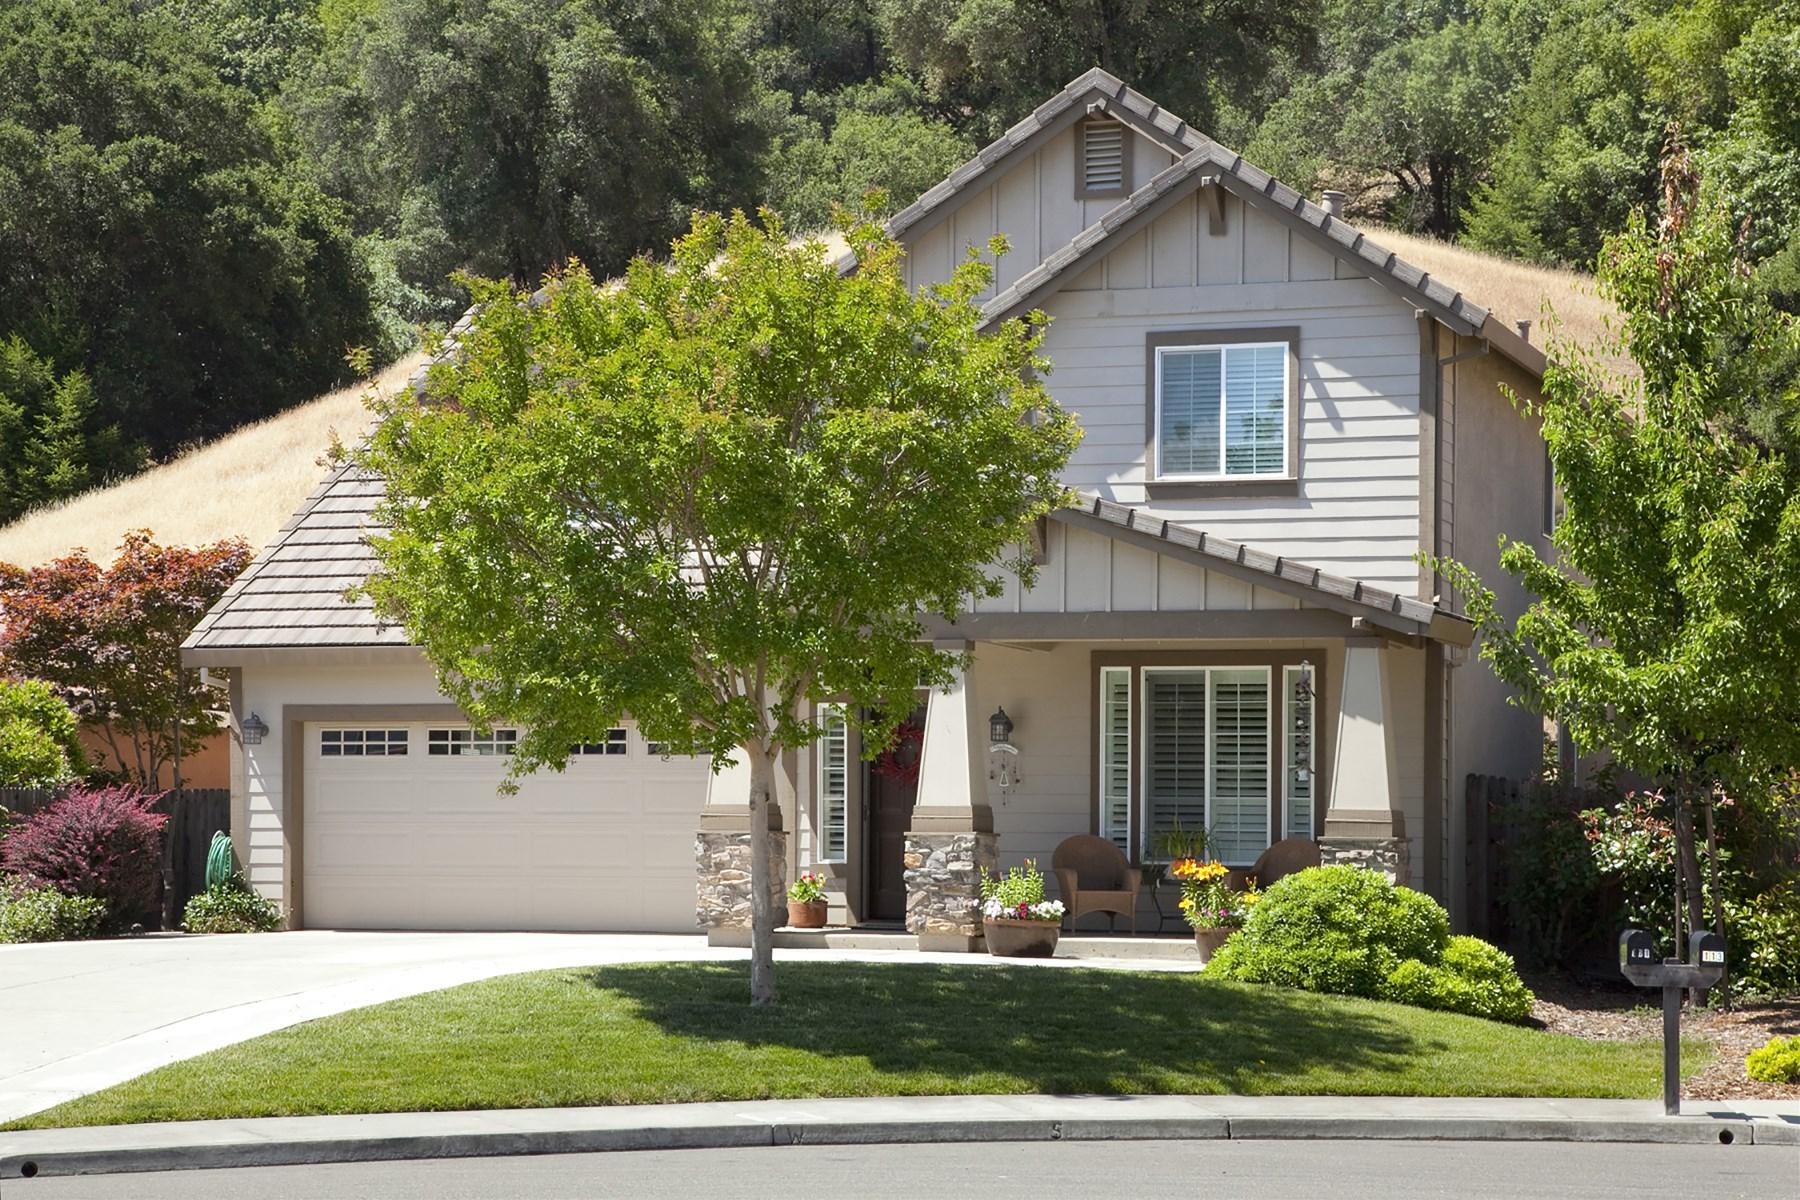 Tek Ailelik Ev için Satış at Prime Upgrades 111 Timber Ridge Ct Cloverdale, Kaliforniya 95425 Amerika Birleşik Devletleri